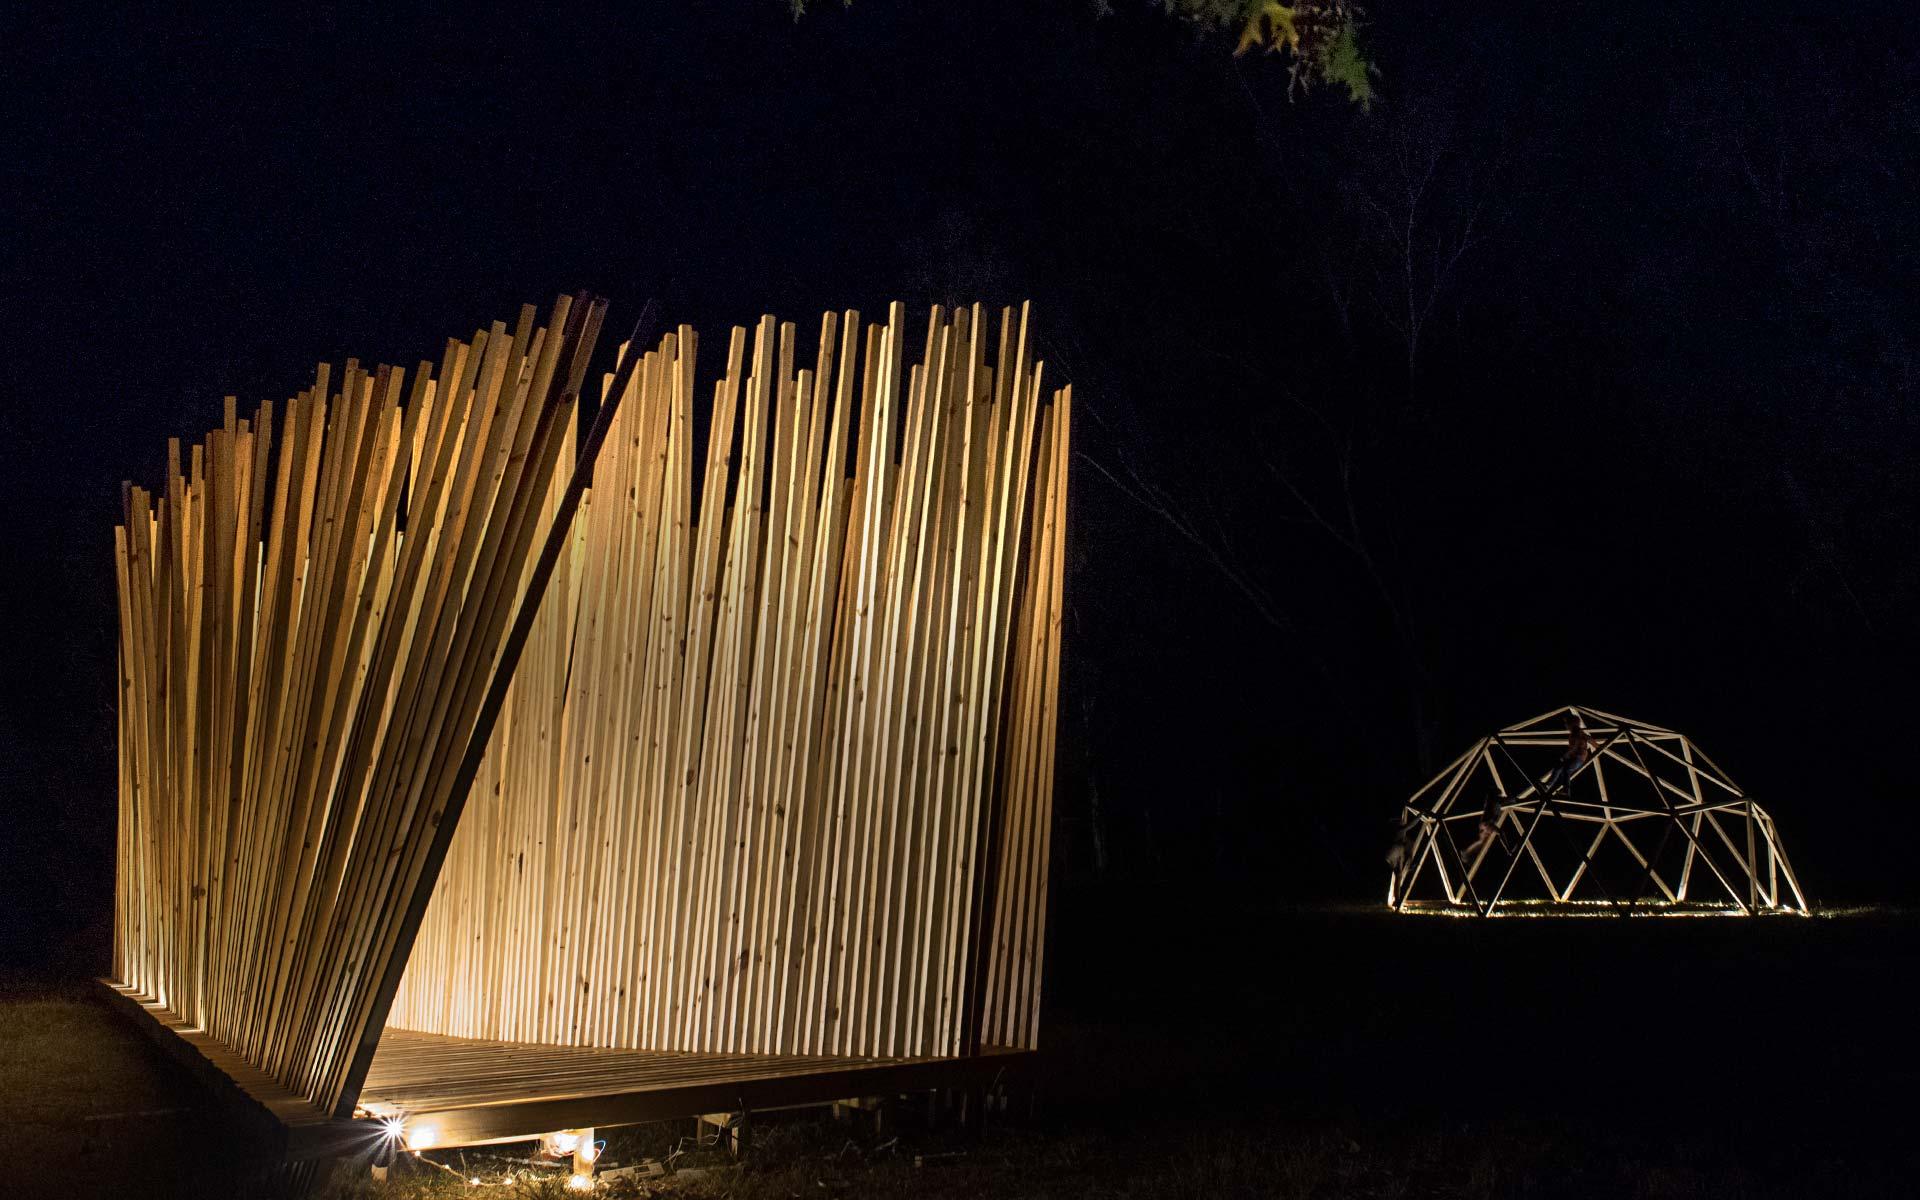 Arquitectura Diseño, Instalación Artistica: Construcción con listones de Madera de noche icon iluminación